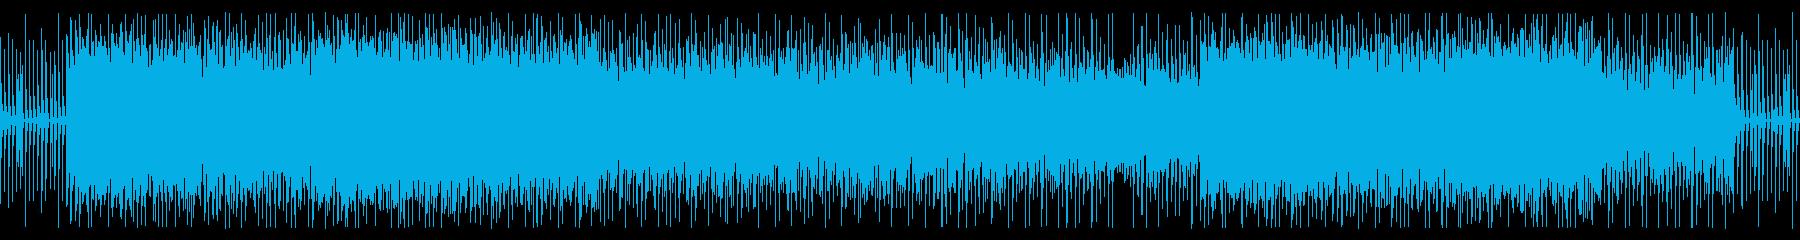 未来・宇宙・疾走感のあるEDM・ループの再生済みの波形